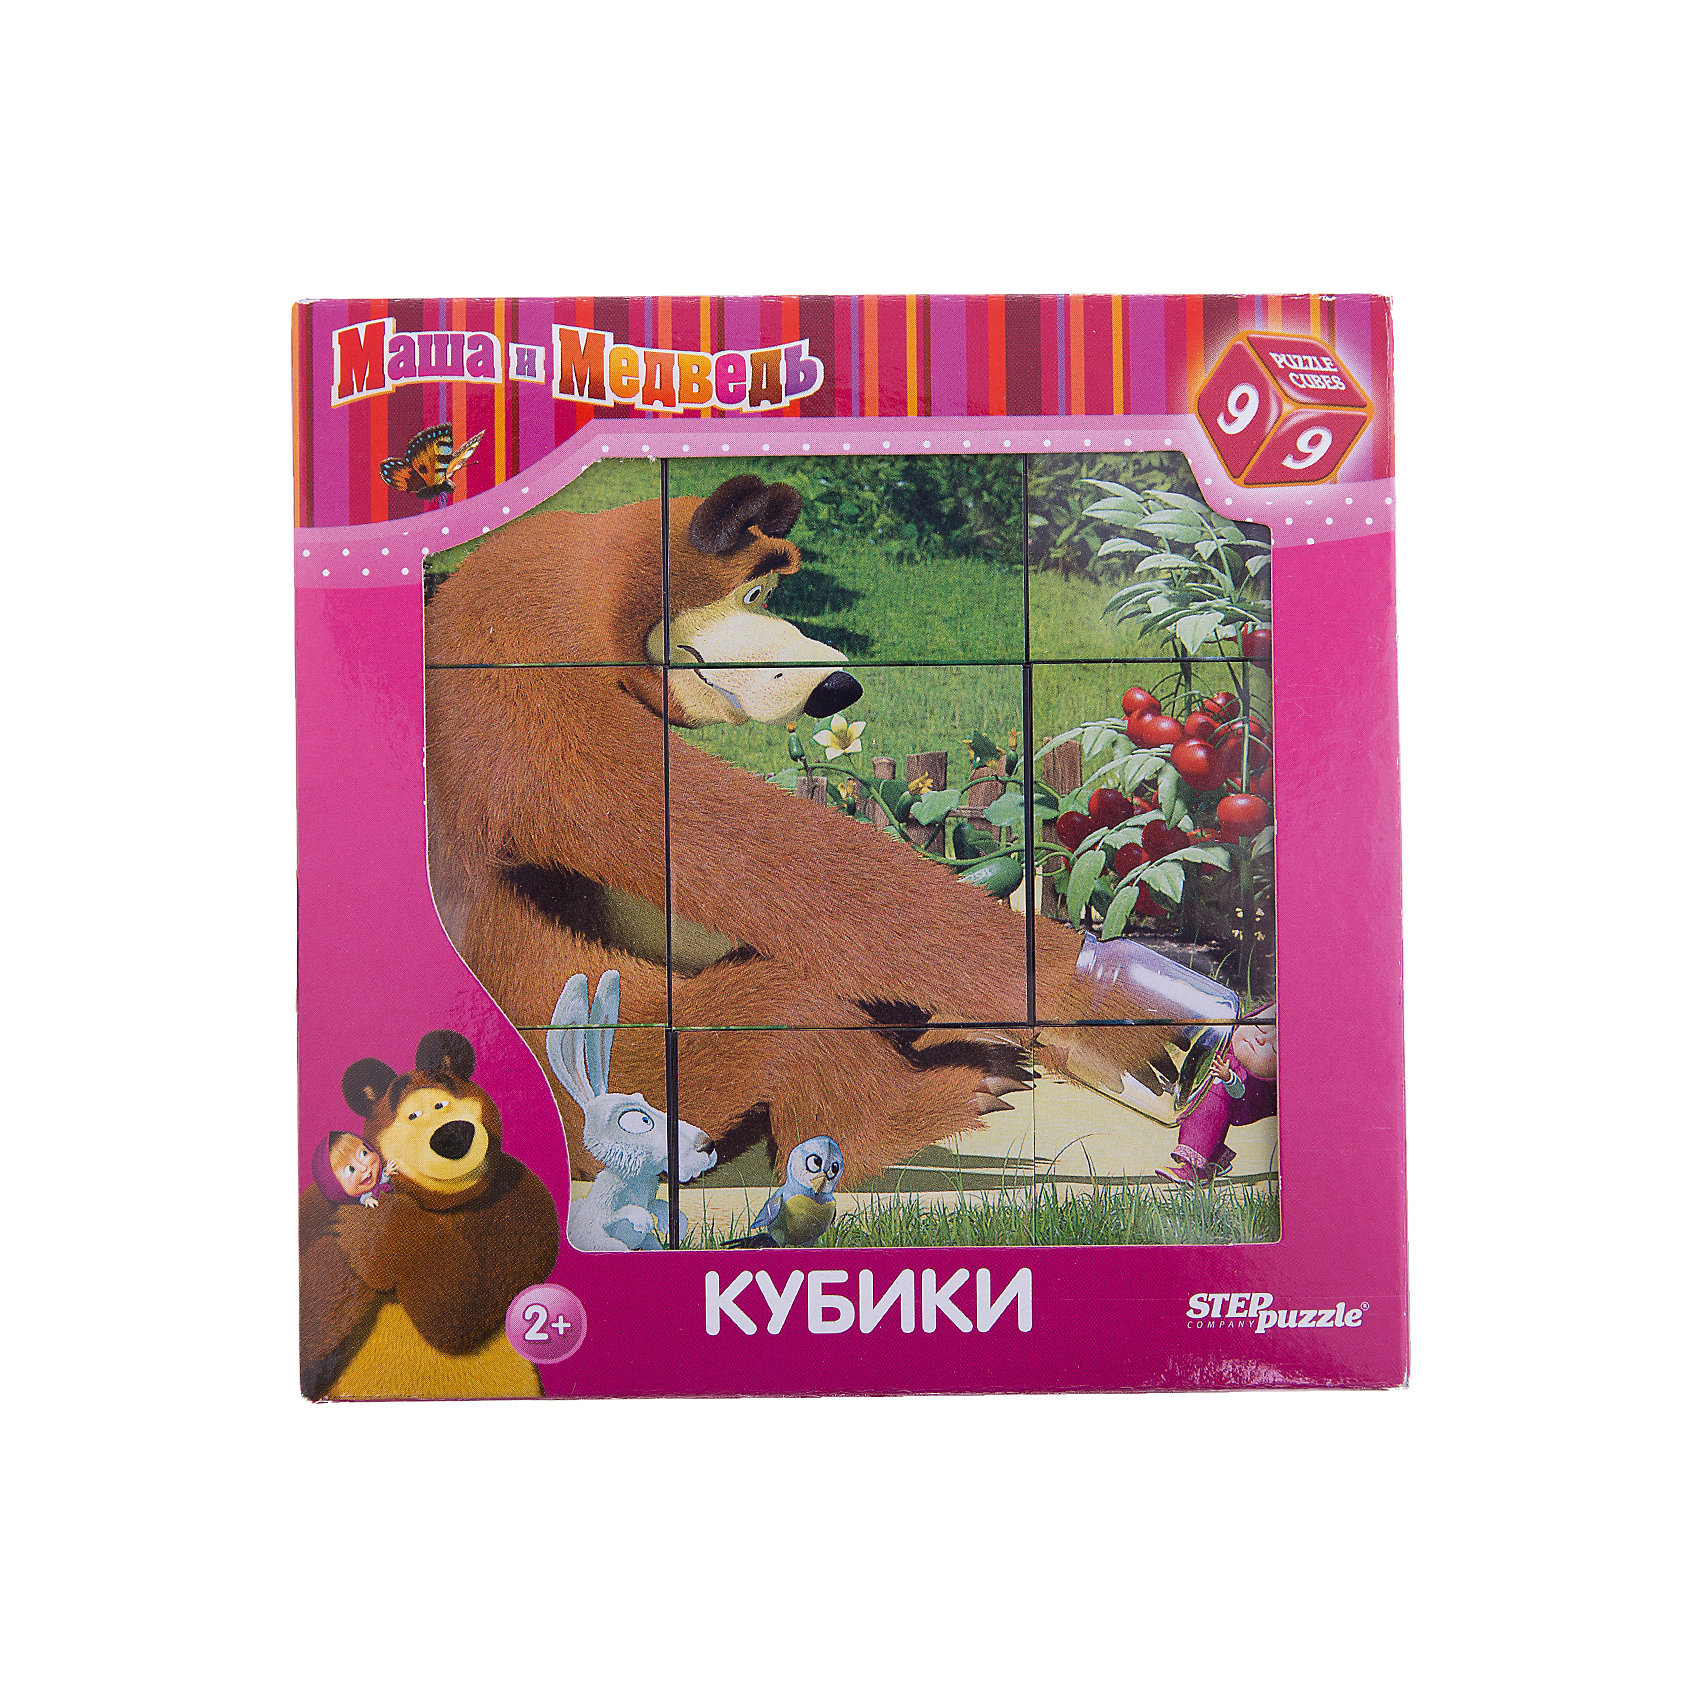 Кубики Маша и Медведь, 9 шт., Step puzzleДети обожают мультсериал Маша и Медведь! Но долго смотреть мультфильмы нельзя, а расставаться с озорницей Машей так не хочется! Подарите малышу чудесные кубики Маша и Медведь и ребенок будет увлеченно подбирать их, пока не составит яркую и интересную картинку. Кубики с картинками - универсальный инструмент развития ребенка младшего возраста. Кубики Маша и Медведь созданы специально для того, чтобы малыш в увлекательной форме тренировал мелкую моторику, логику и внимание. Кубики легкие и покрыты безопасной краской, поэтому Вы можете использовать их для игры с самыми маленькими детьми. Сначала кроха будет рассматривать их и строить башенки, затем составлять замечательные картинки из любимого мультфильма. <br><br>Дополнительная информация:<br><br>- 9 кубиков;<br>- Особенно понравится поклонникам мультсериала Маша и Медведь;<br>- Удобный размер, как раз для детской ручки;<br>- Красивые яркие картинки;<br>- Отличный подарок;<br>- Размер упаковки: 14 х 14 х 5 см;<br>- Вес: 134 г<br><br>Кубики Маша и Медведь, 9 шт., Степ Пазл, можно купить в нашем интернет-магазине.<br><br>Ширина мм: 12<br>Глубина мм: 12<br>Высота мм: 4<br>Вес г: 134<br>Возраст от месяцев: 24<br>Возраст до месяцев: 72<br>Пол: Унисекс<br>Возраст: Детский<br>SKU: 4162739